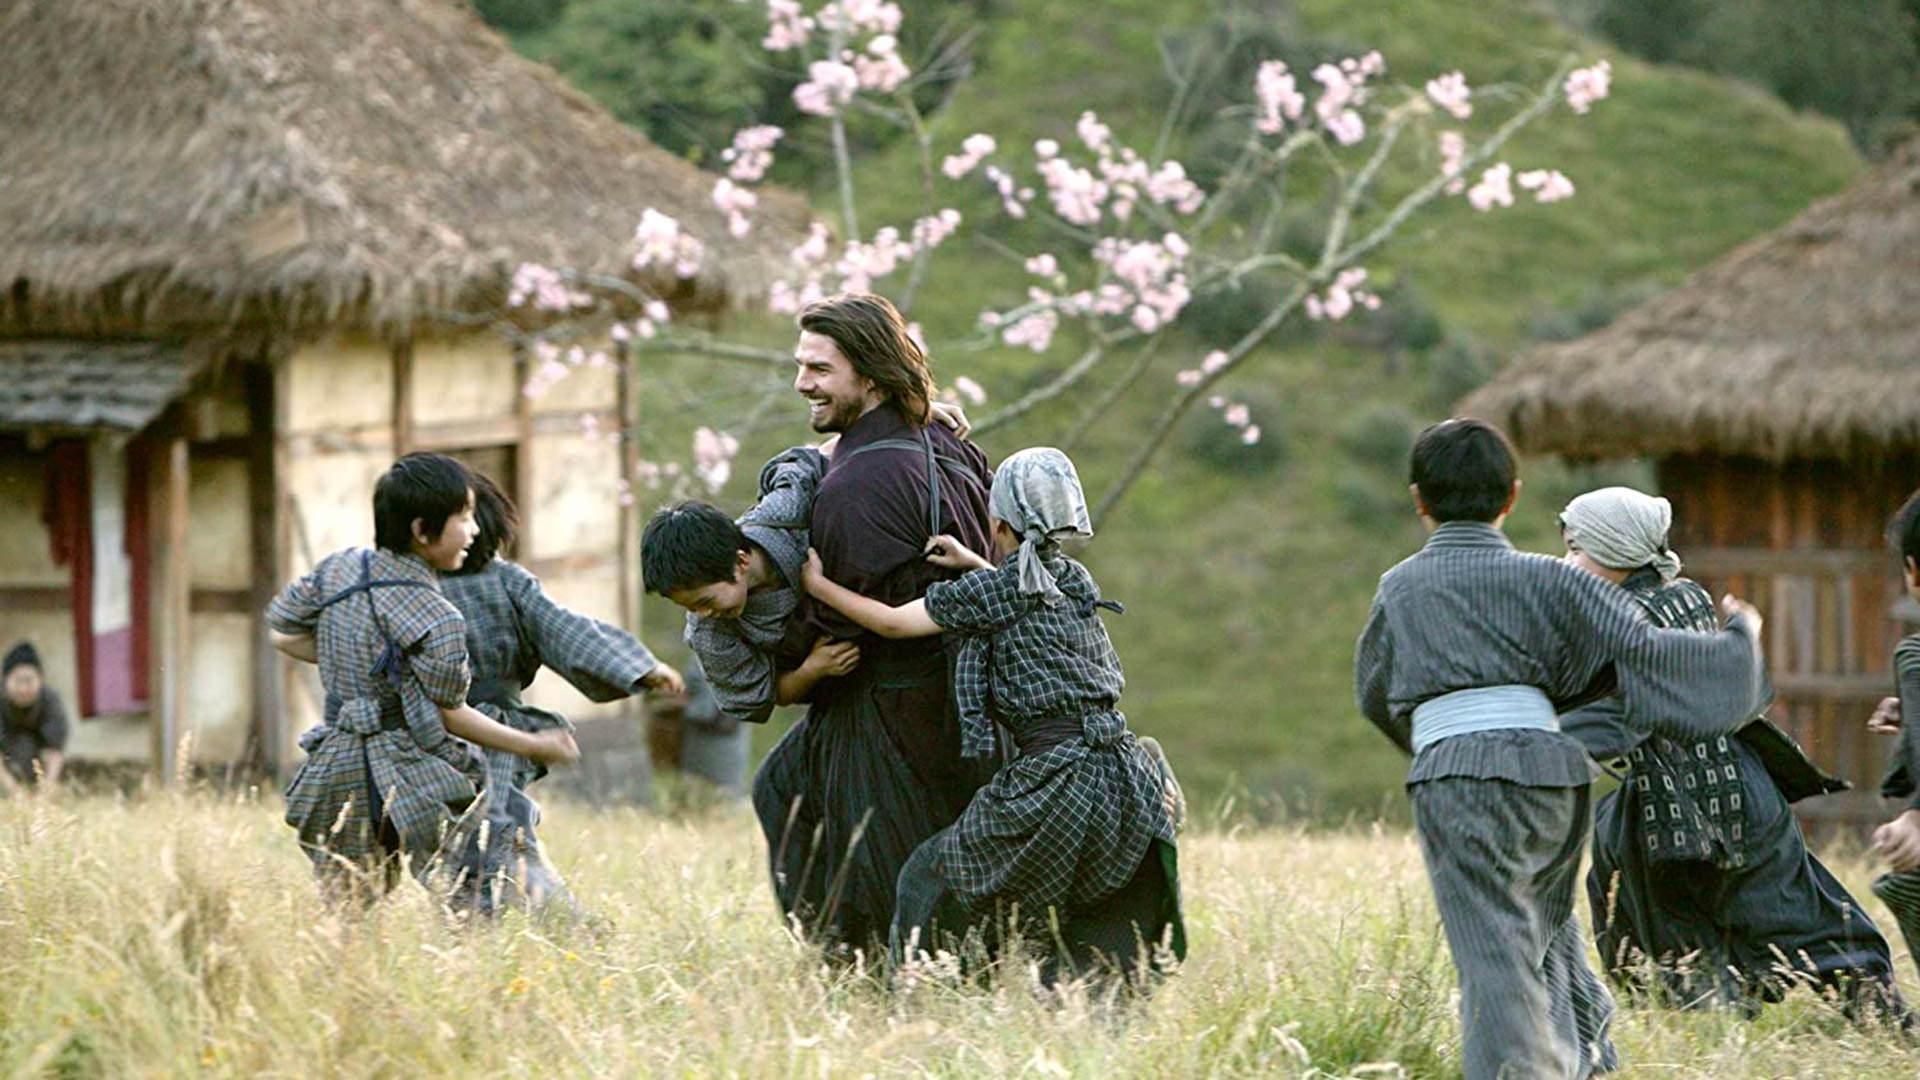 Trailer - The Last Samurai